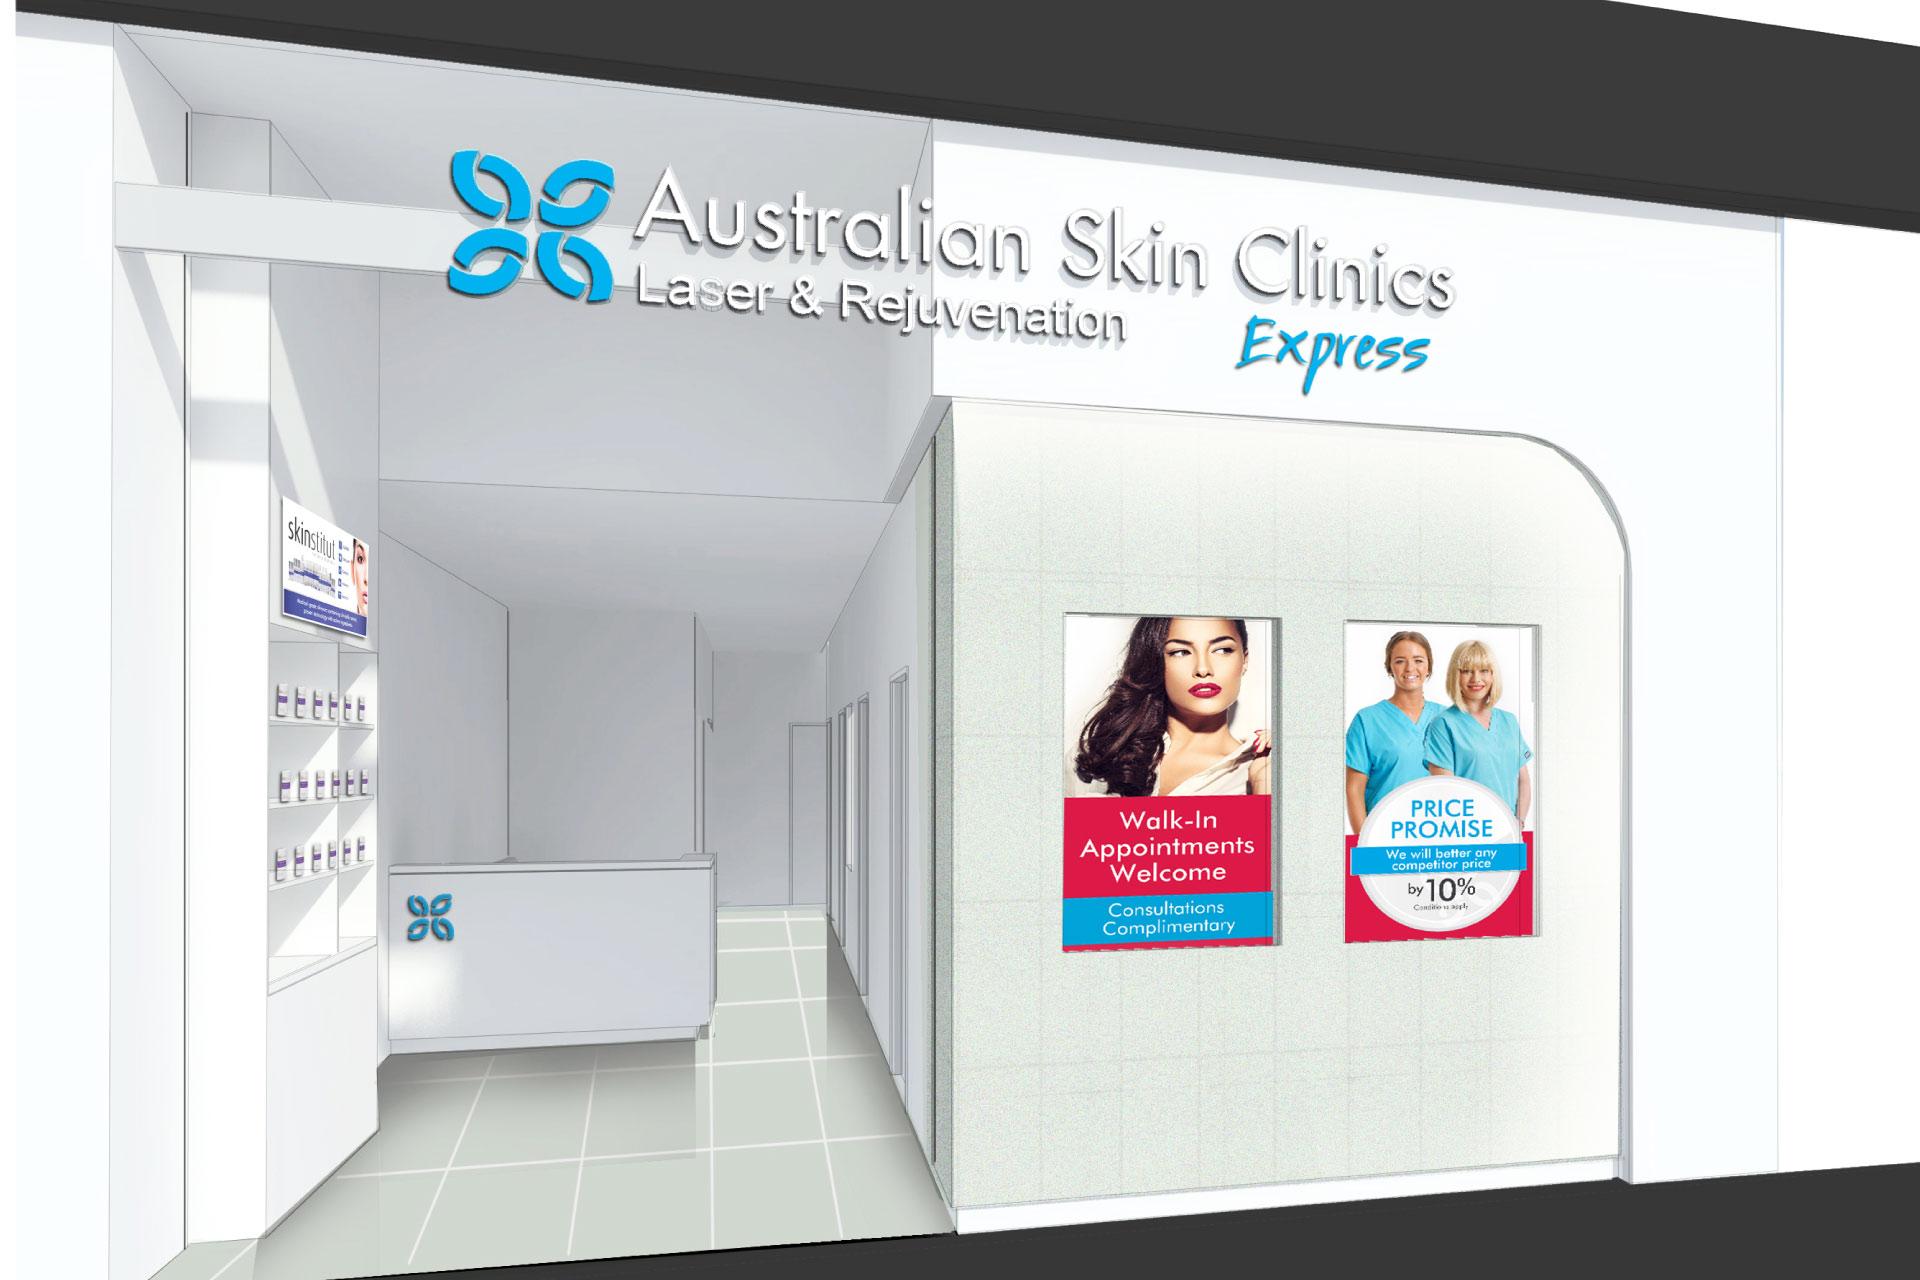 Corso Interior Architecture - Australian Skin Clinics